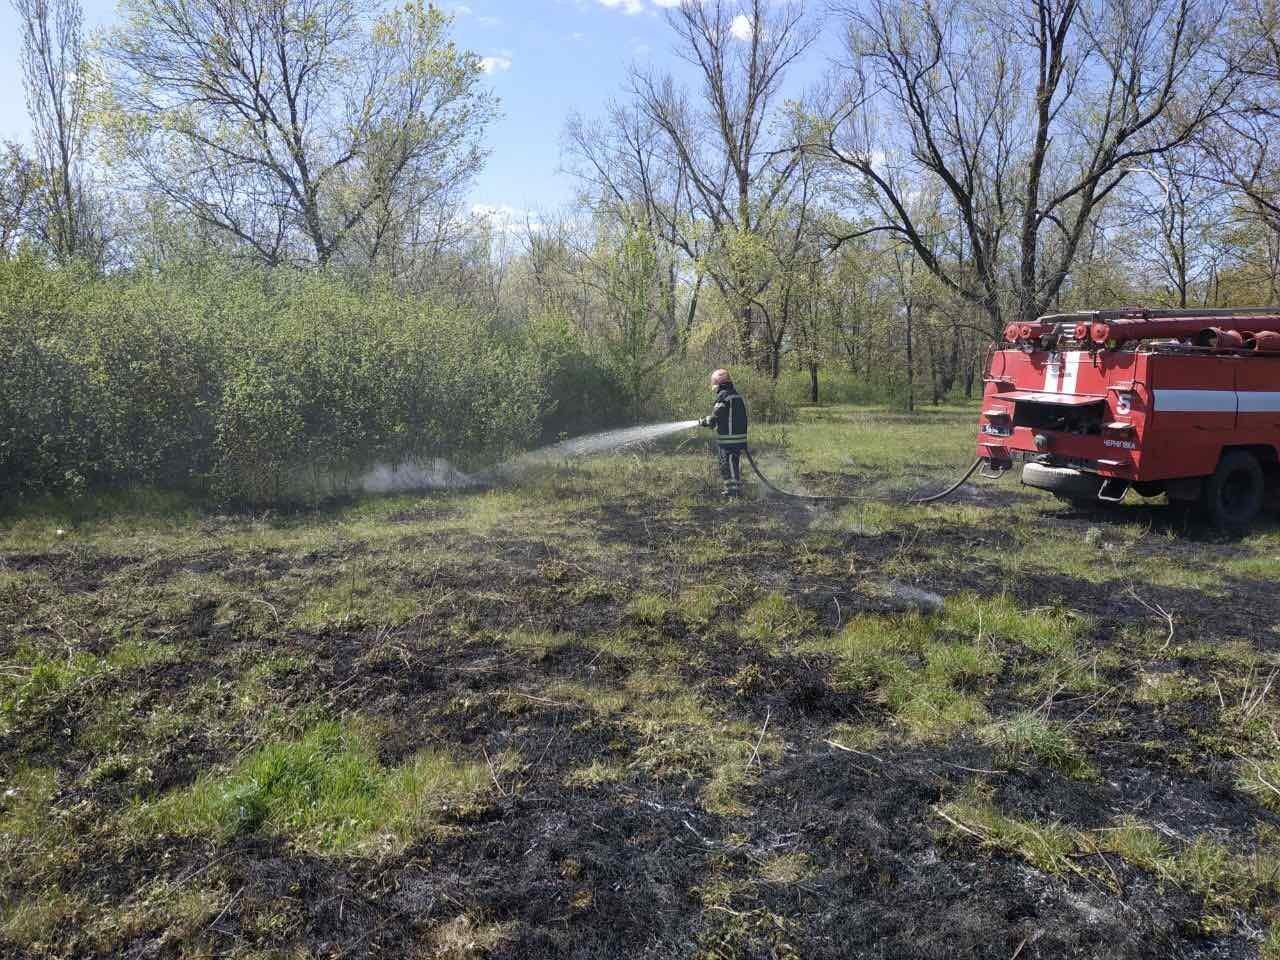 Запорожские пожарные за сутки потушили 10 пожаров в экосистемах: из них один лесной, фото-1